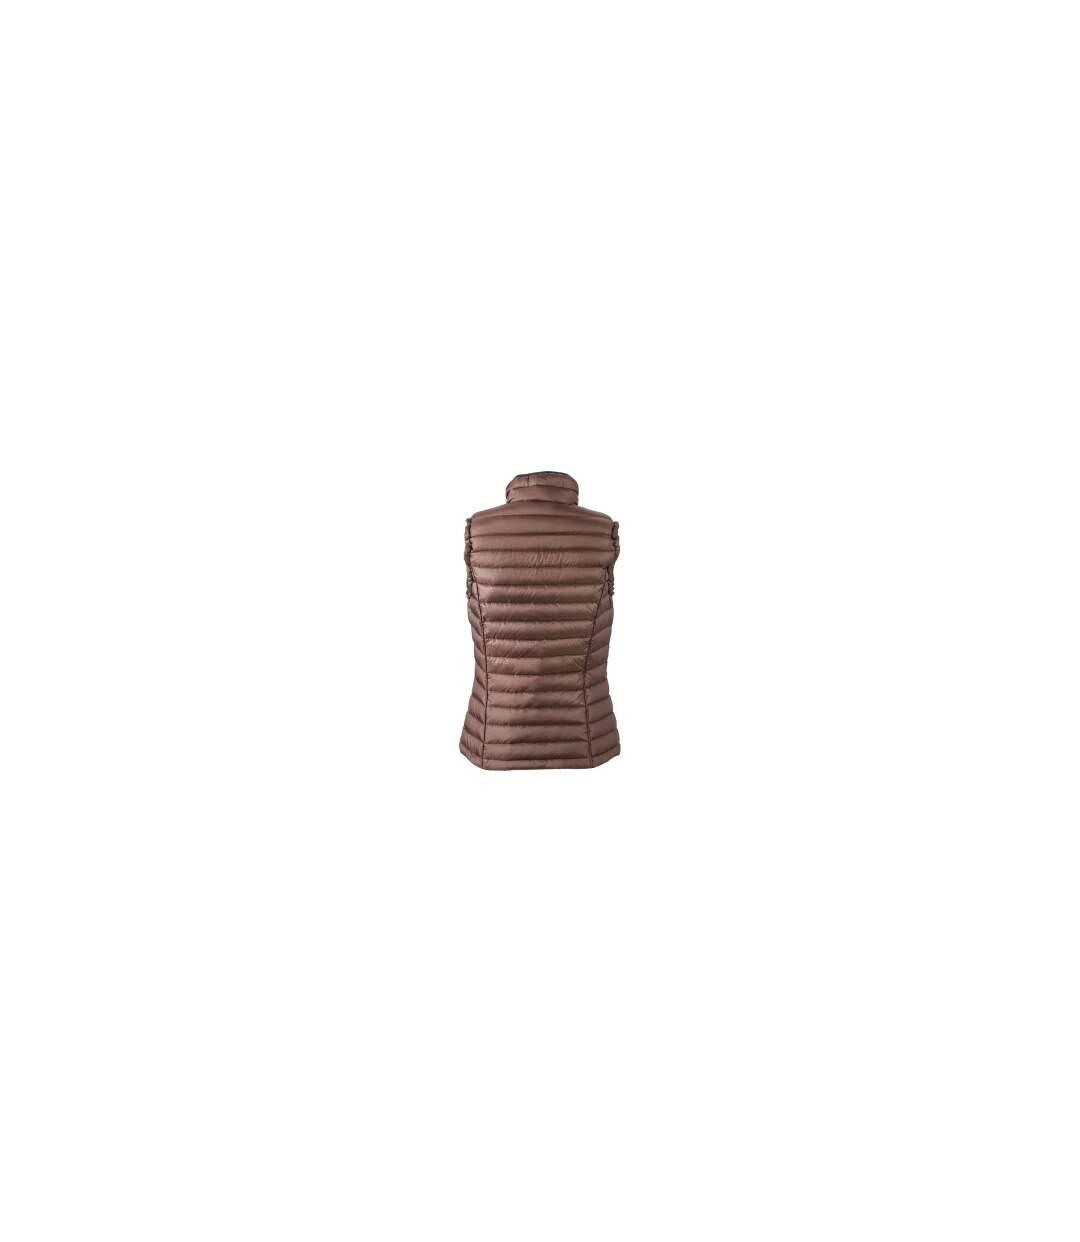 Gilet sans manches matelassé duvet FEMME - JN1079 marron - doudoune anorak